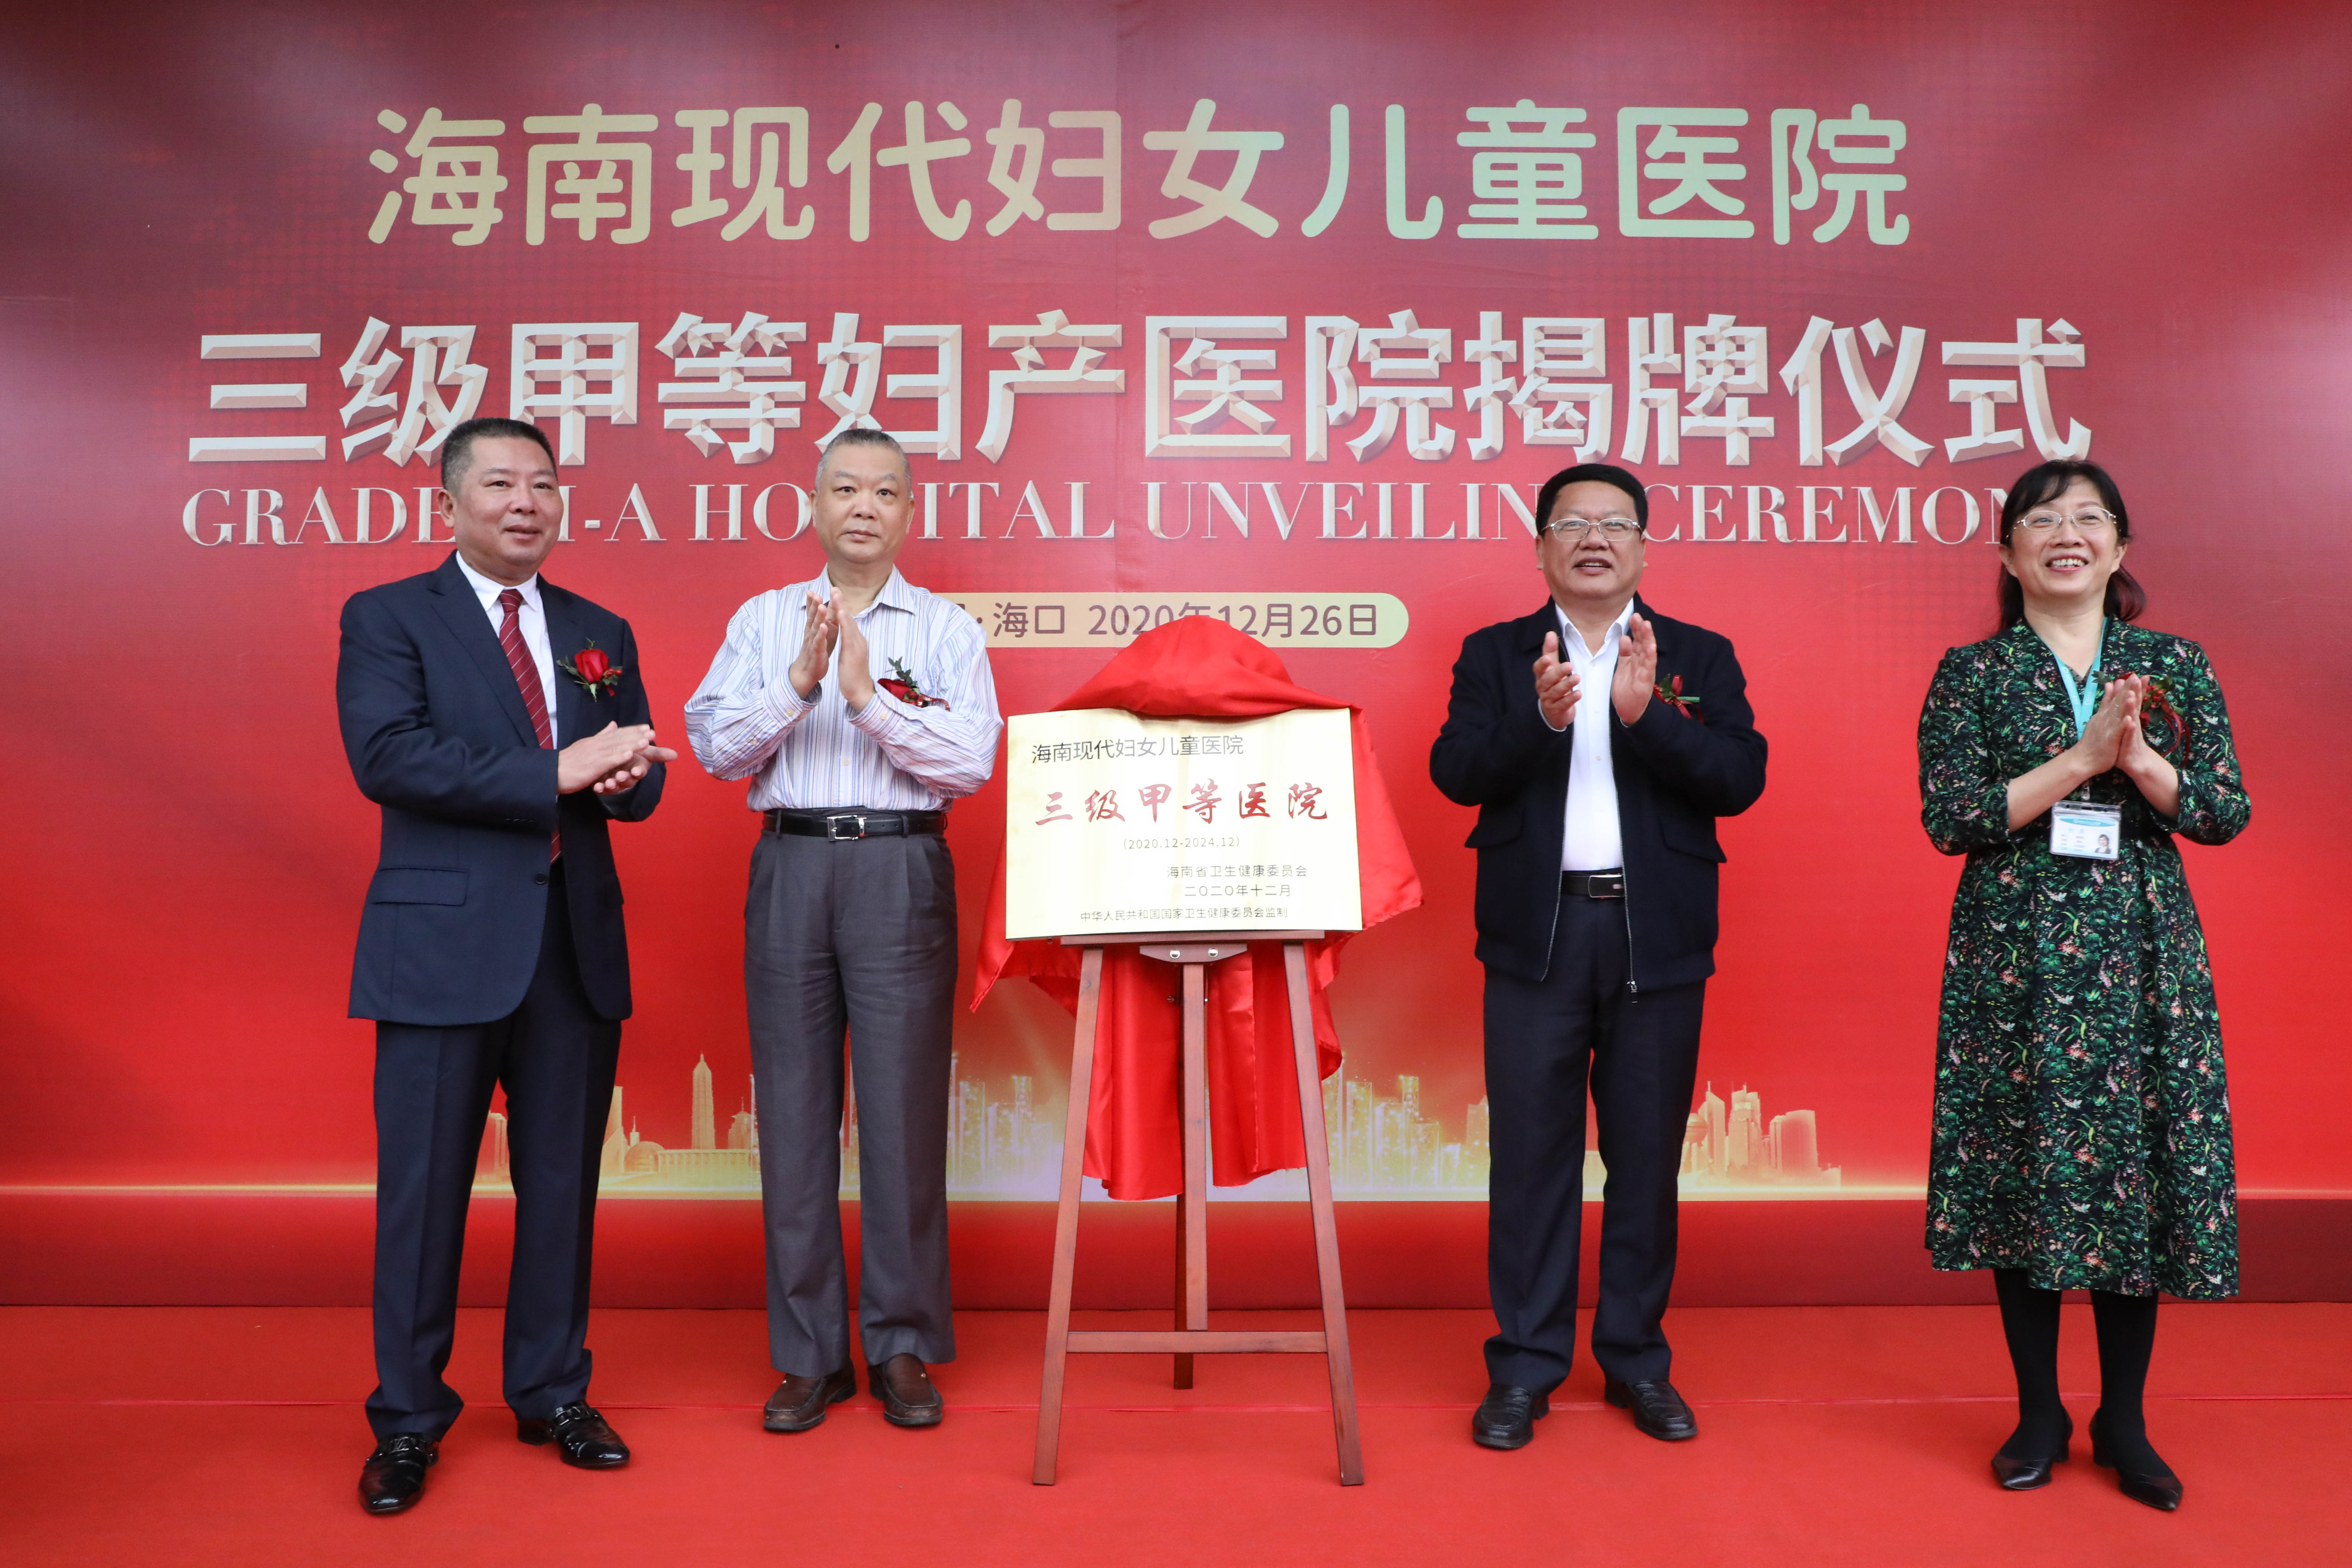 海南首家「三甲」民营医院正式挂牌